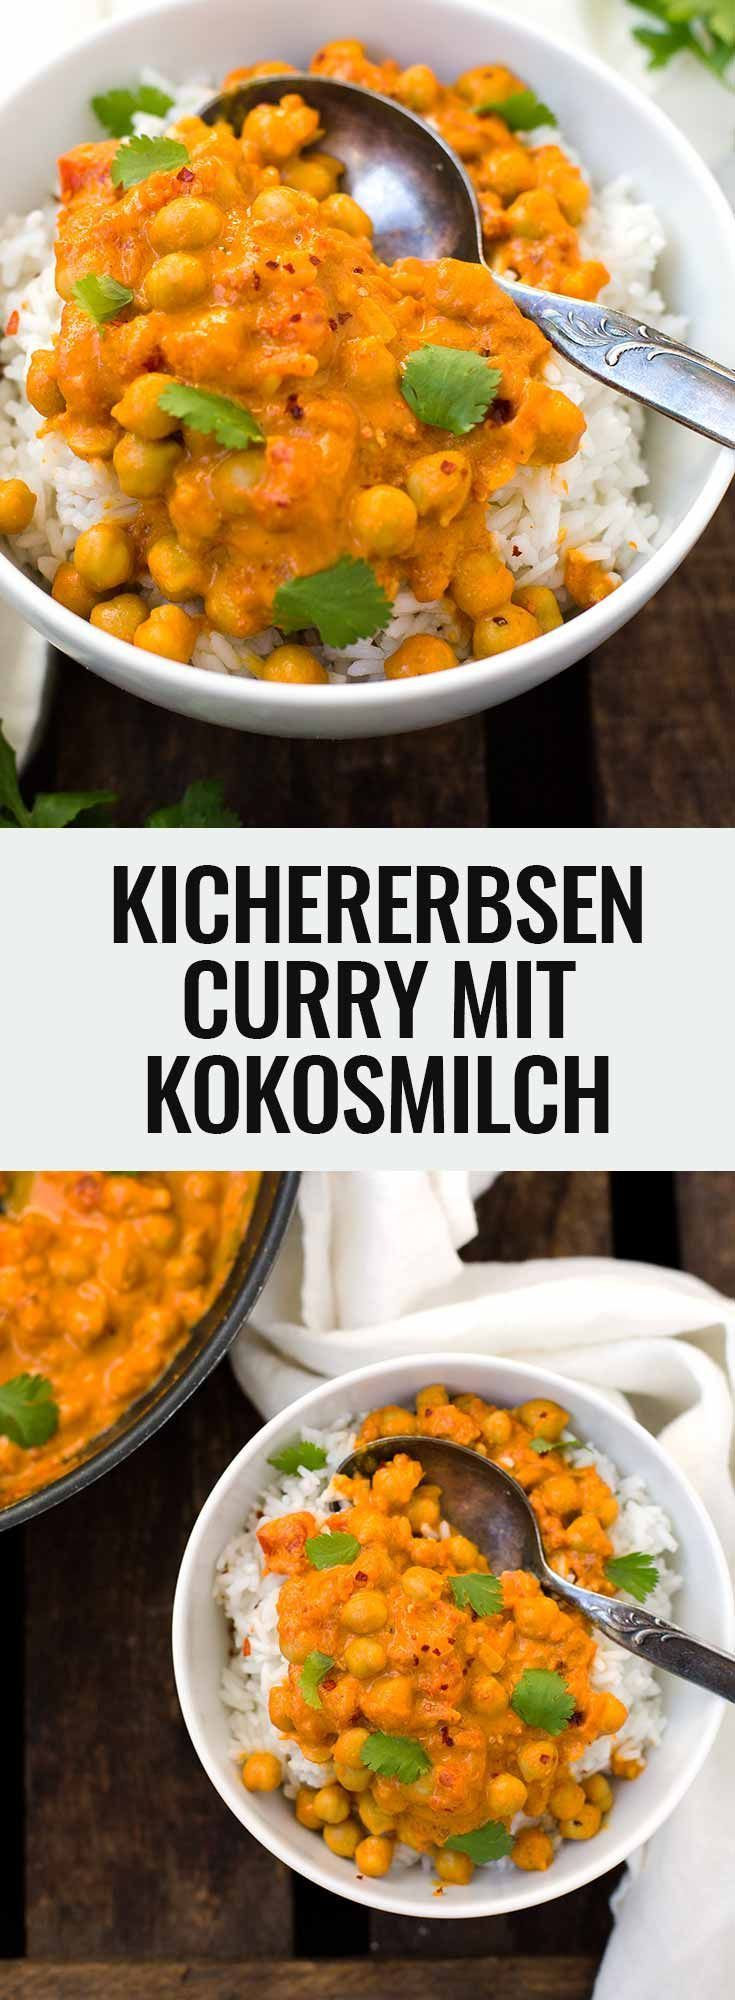 Kichererbsen-Curry mit Kokosmilch